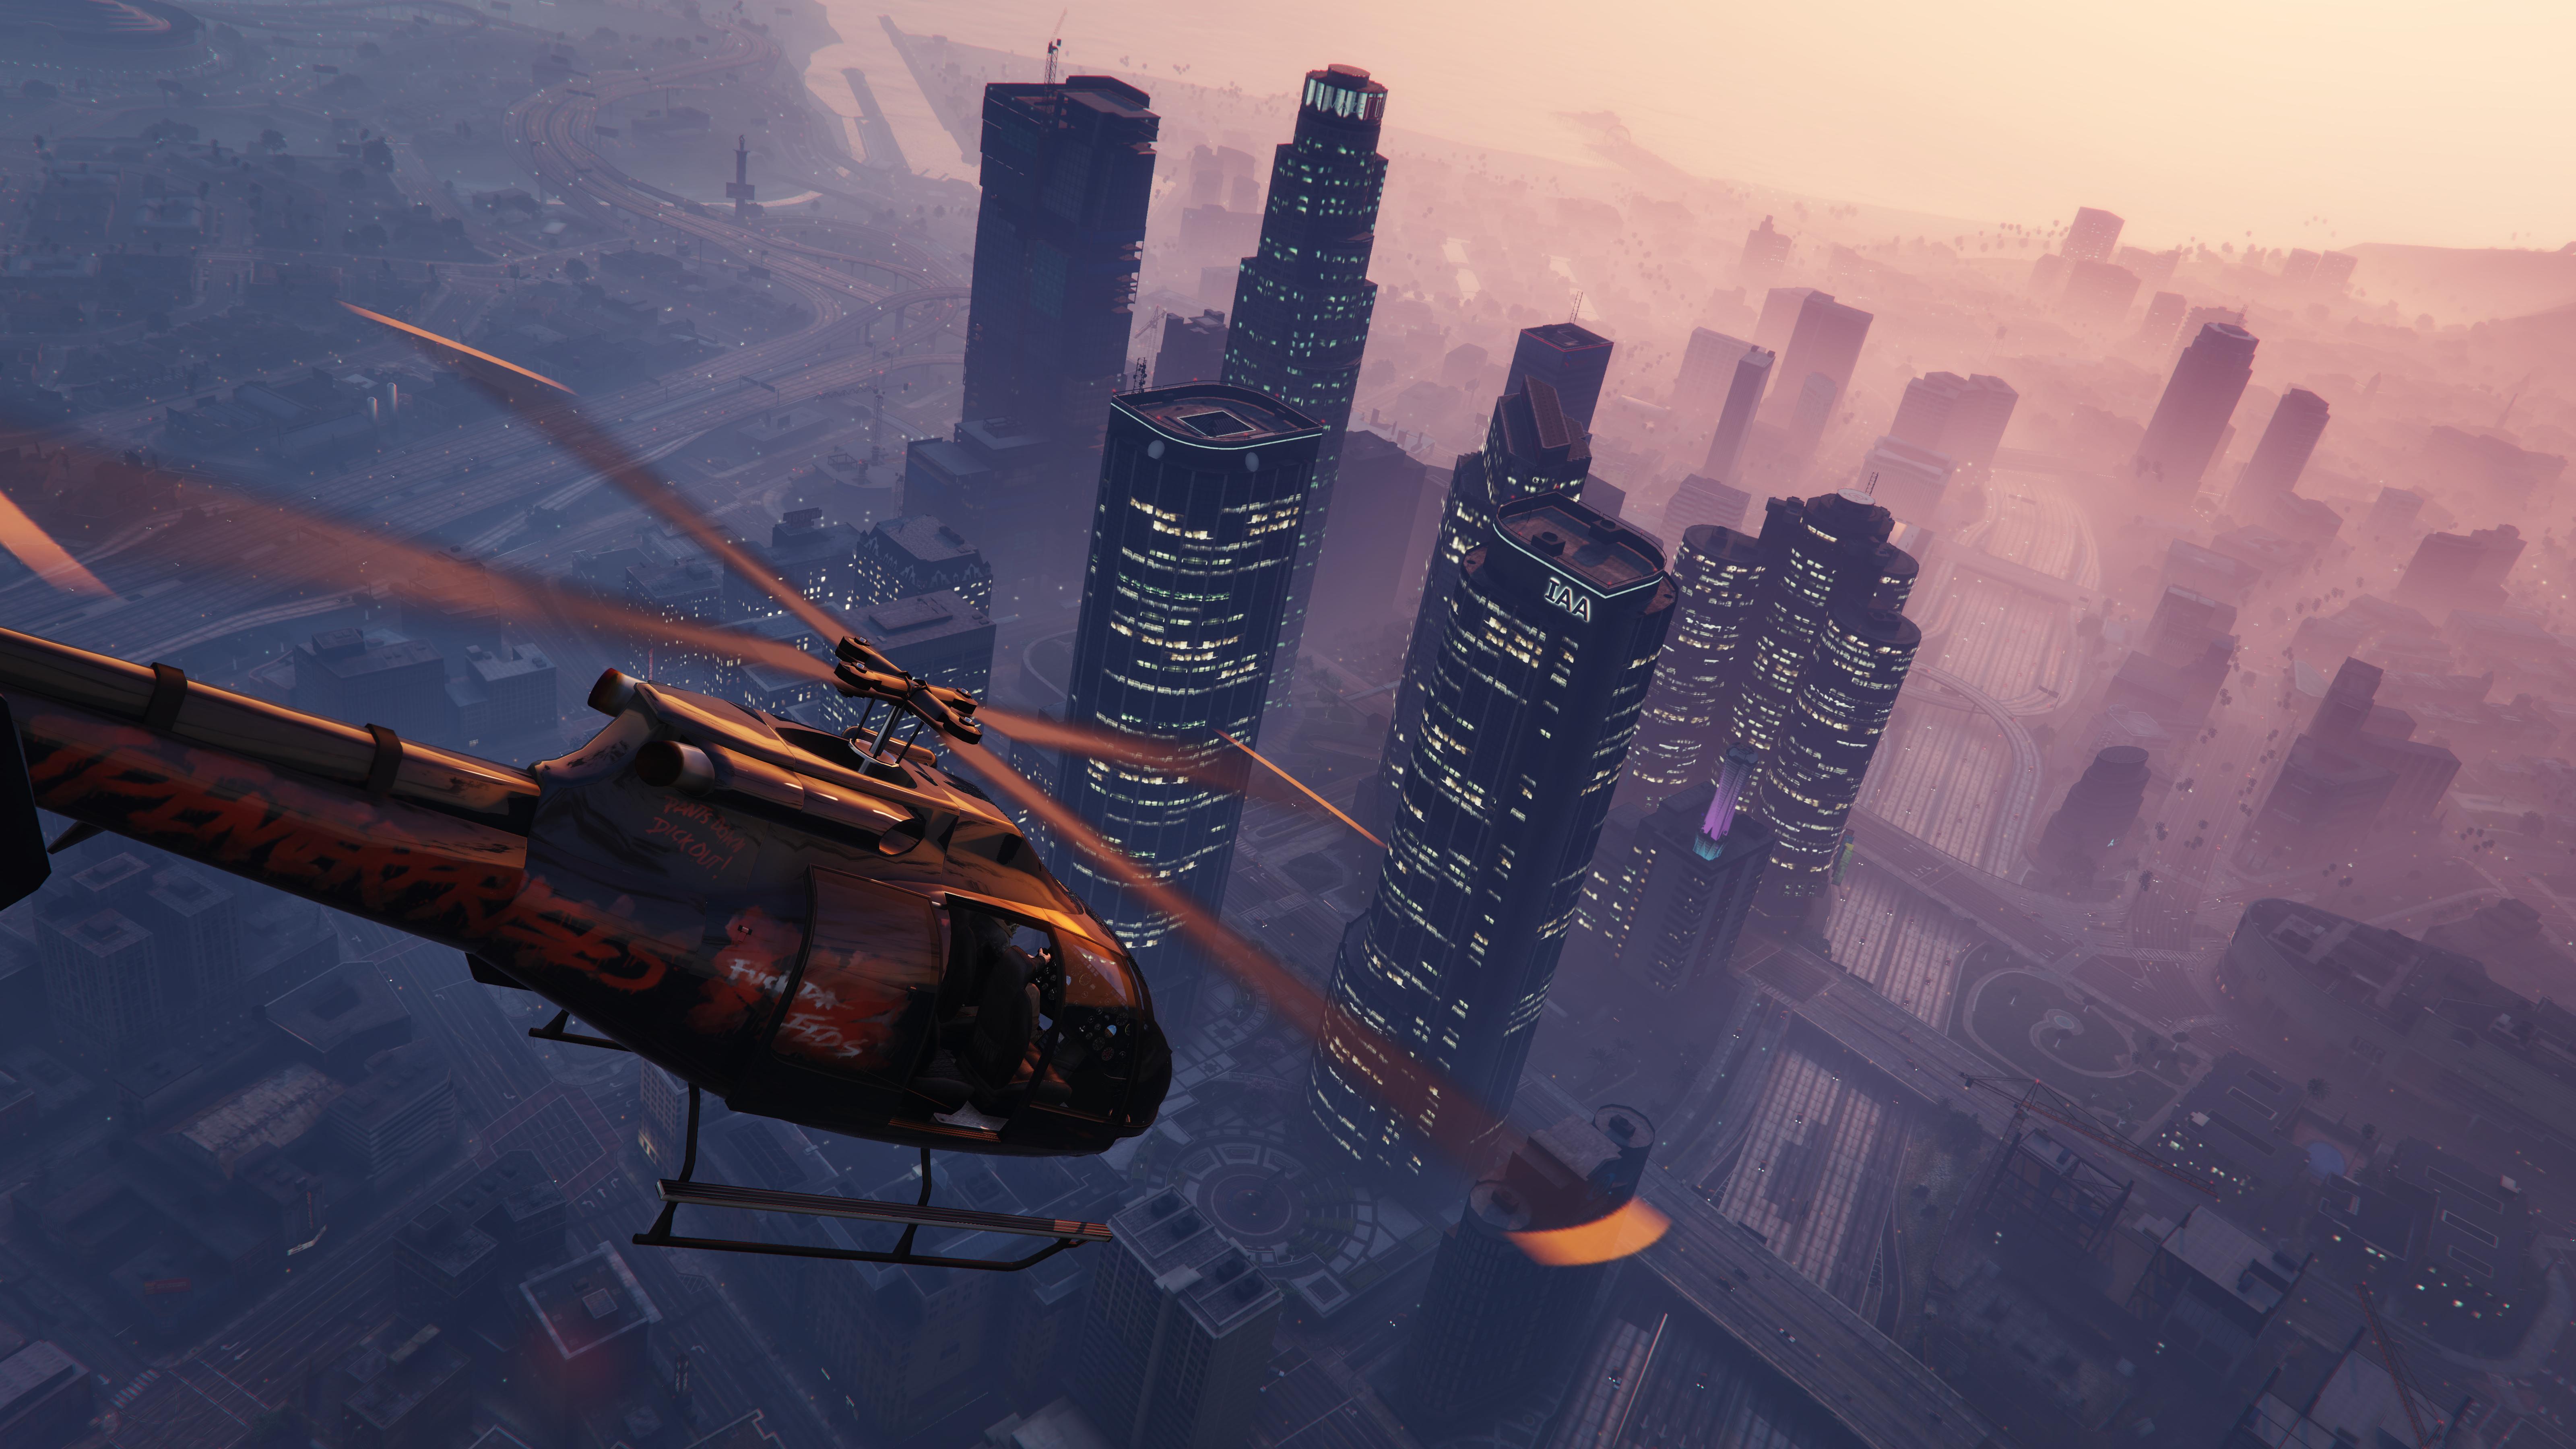 Grand Theft Auto V gta 5 helicopter sky building